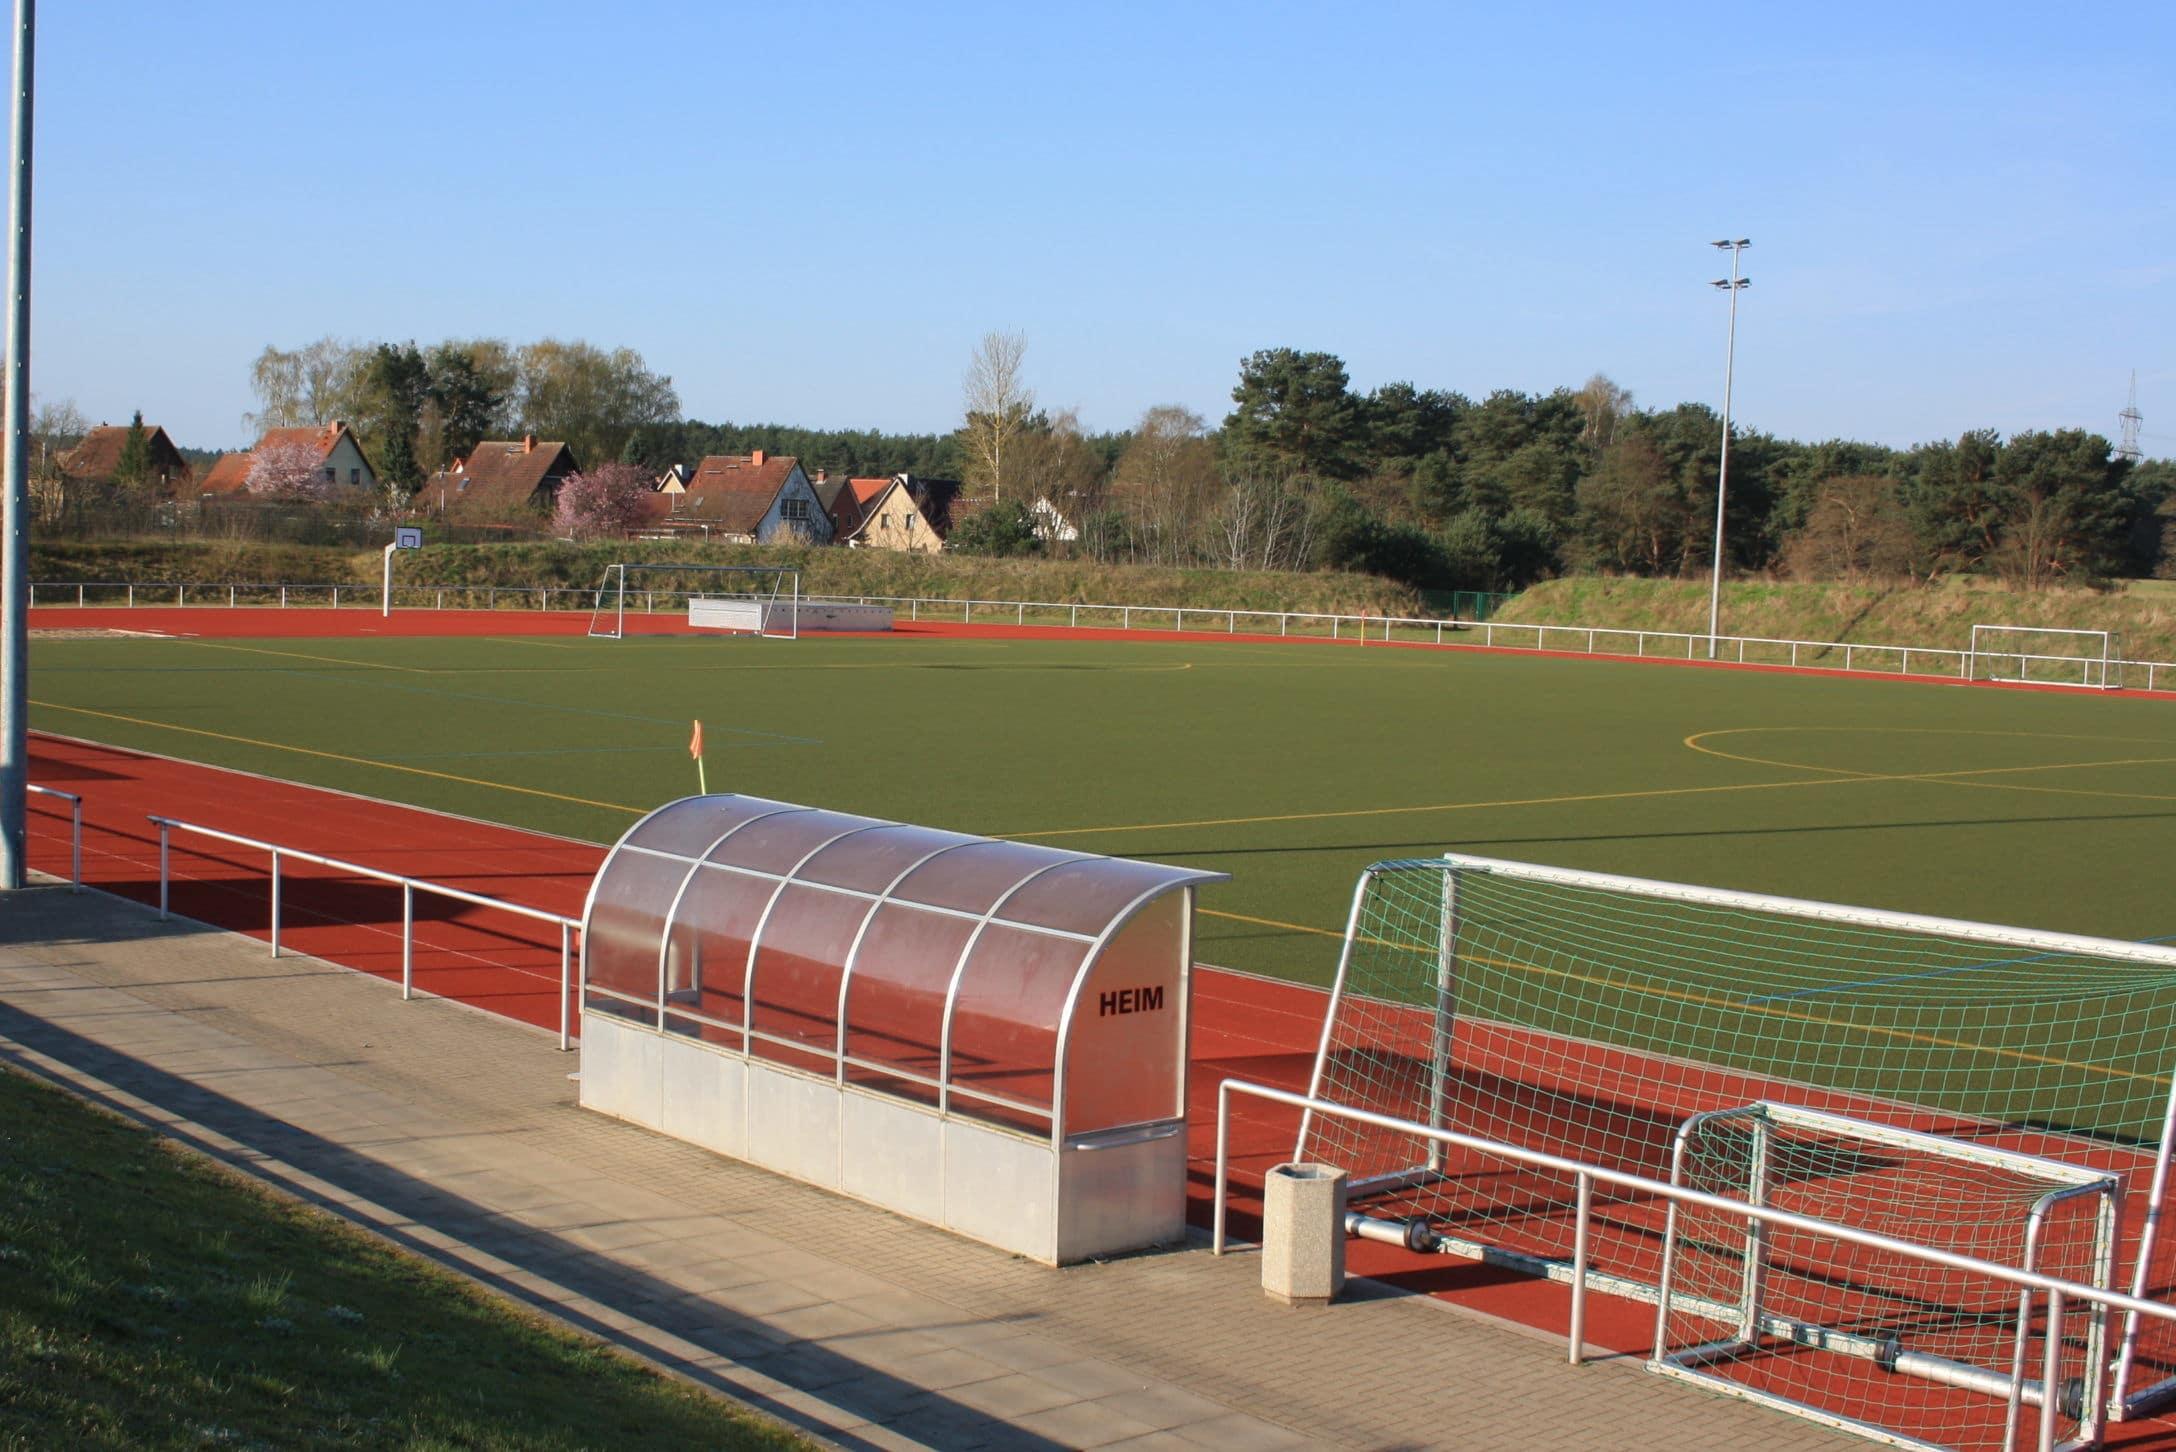 Großes Stadion mit Tartanbahn und idyllischer Umgebung